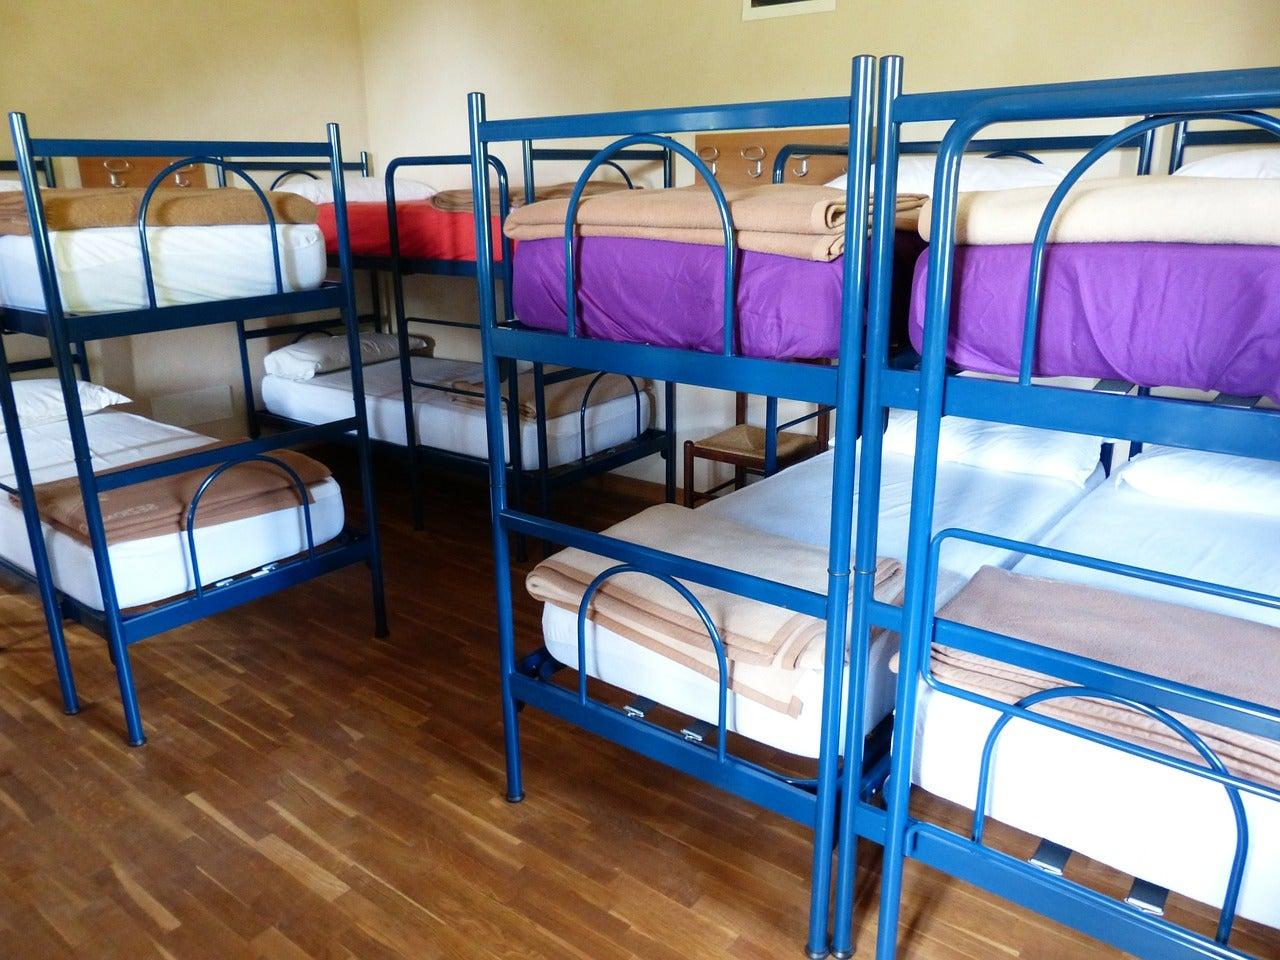 Habitación de un albergue